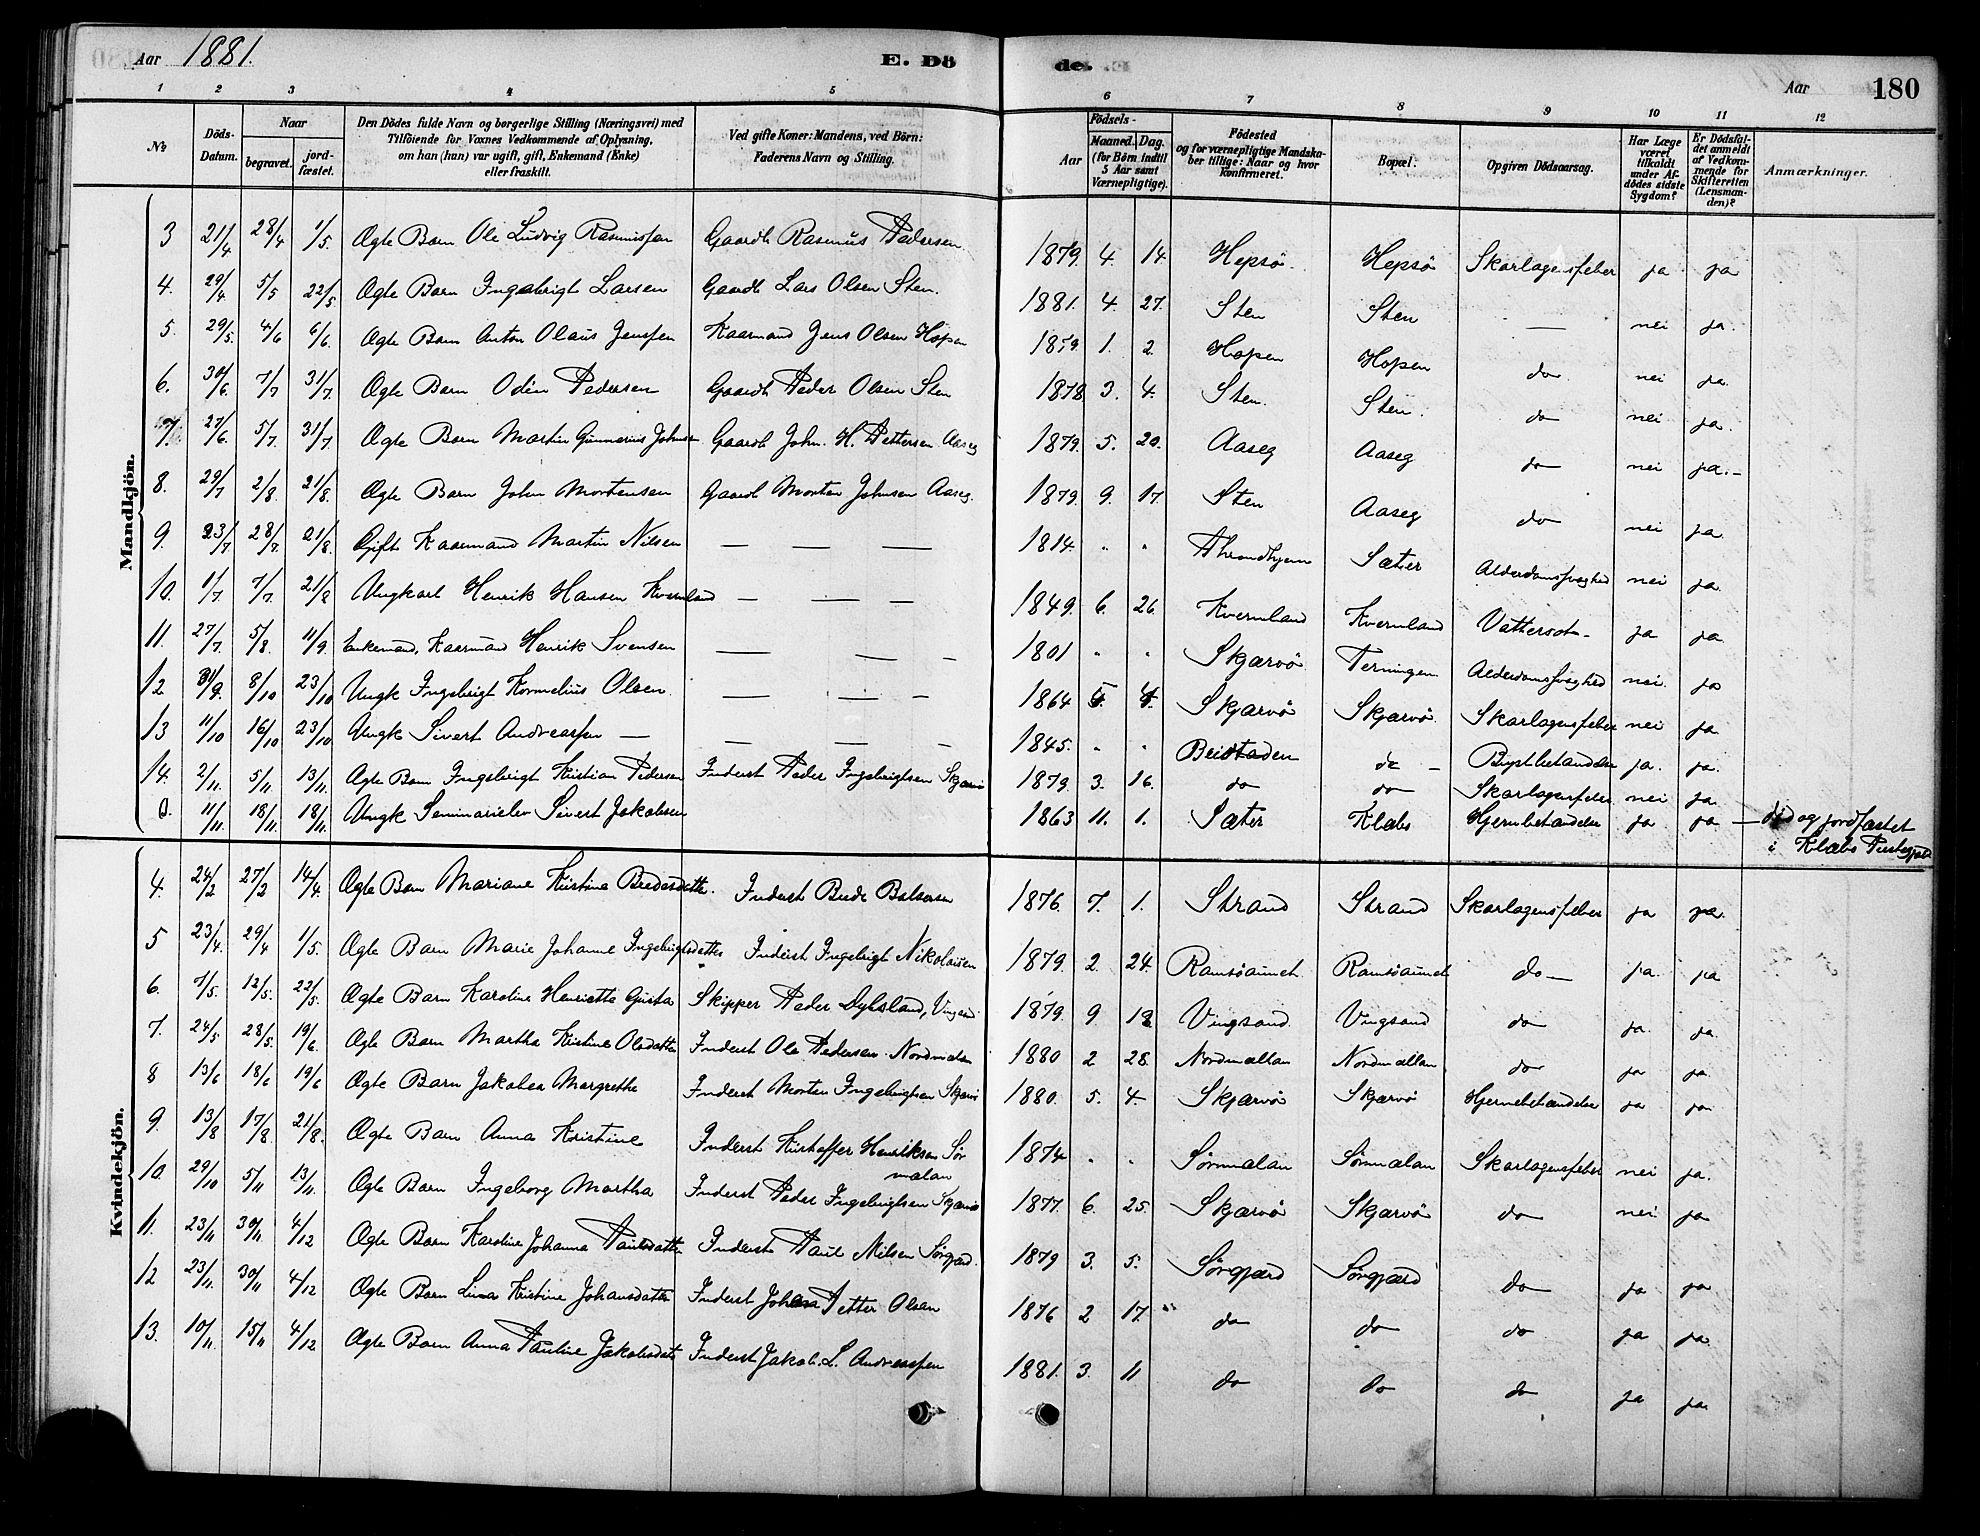 SAT, Ministerialprotokoller, klokkerbøker og fødselsregistre - Sør-Trøndelag, 658/L0722: Ministerialbok nr. 658A01, 1879-1896, s. 180